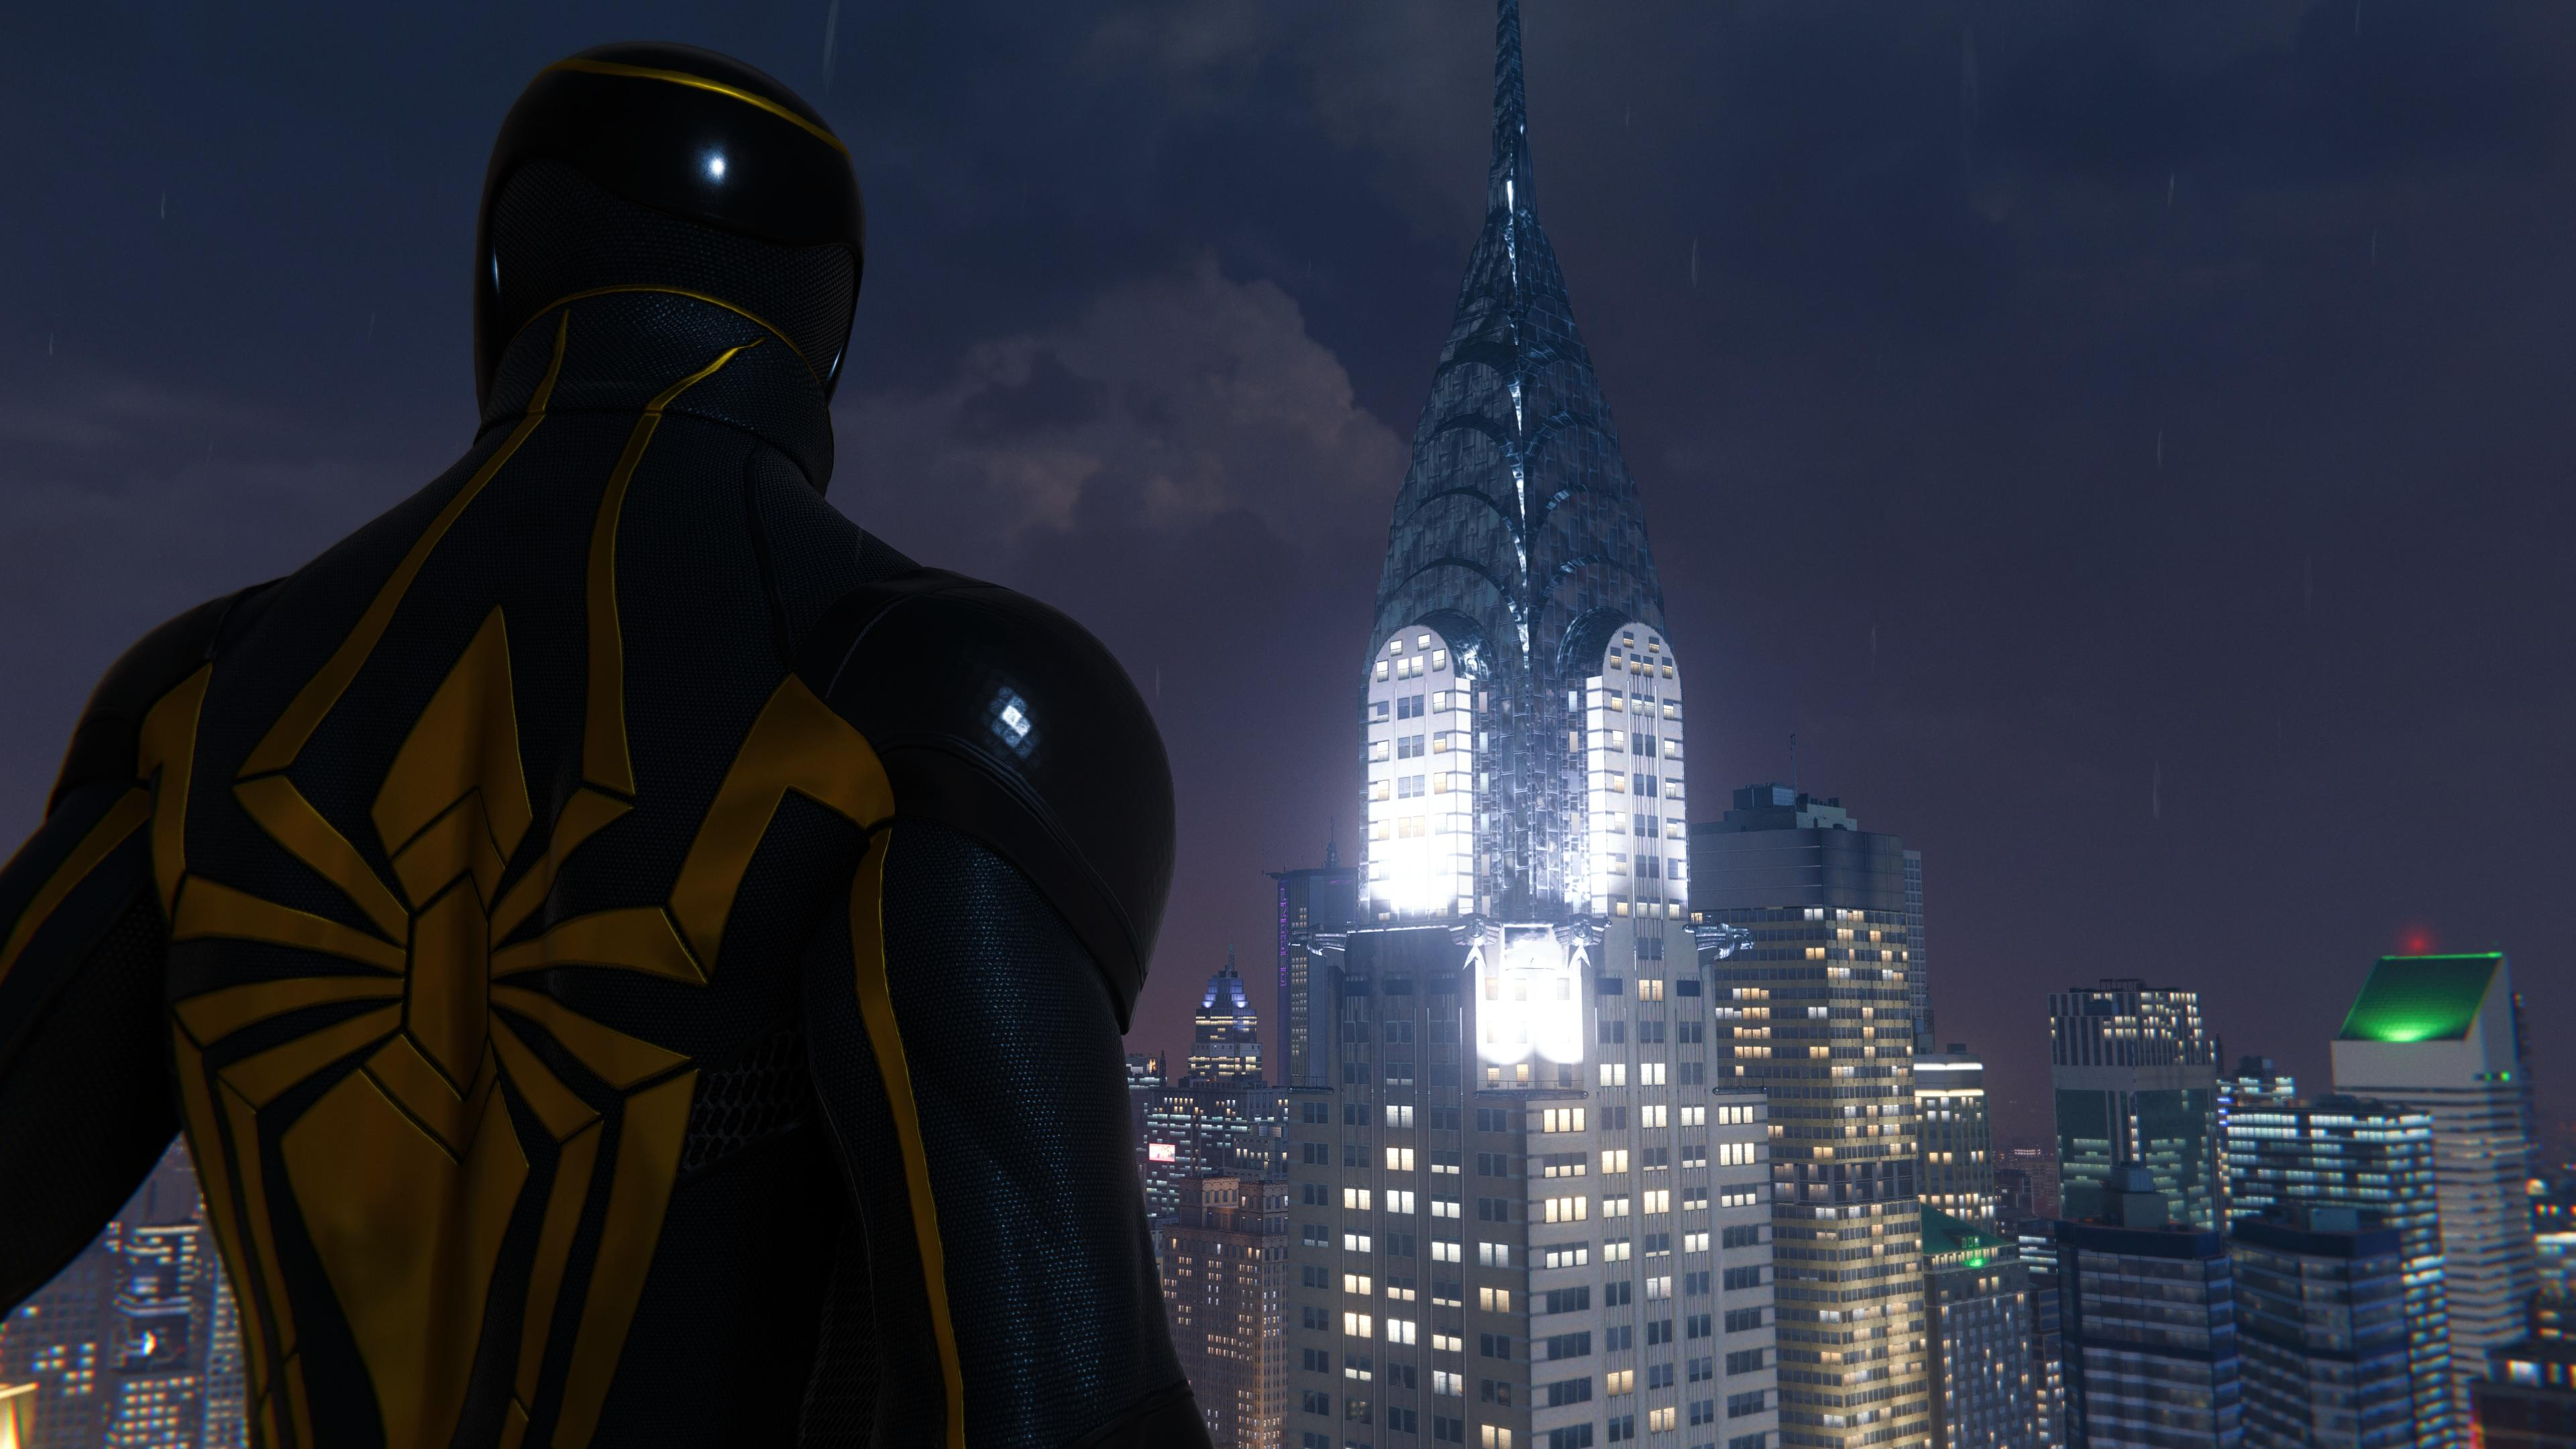 https://i.ibb.co/zHsGjYN/Marvel-s-Spider-Man-Remastered-20210512001700.jpg